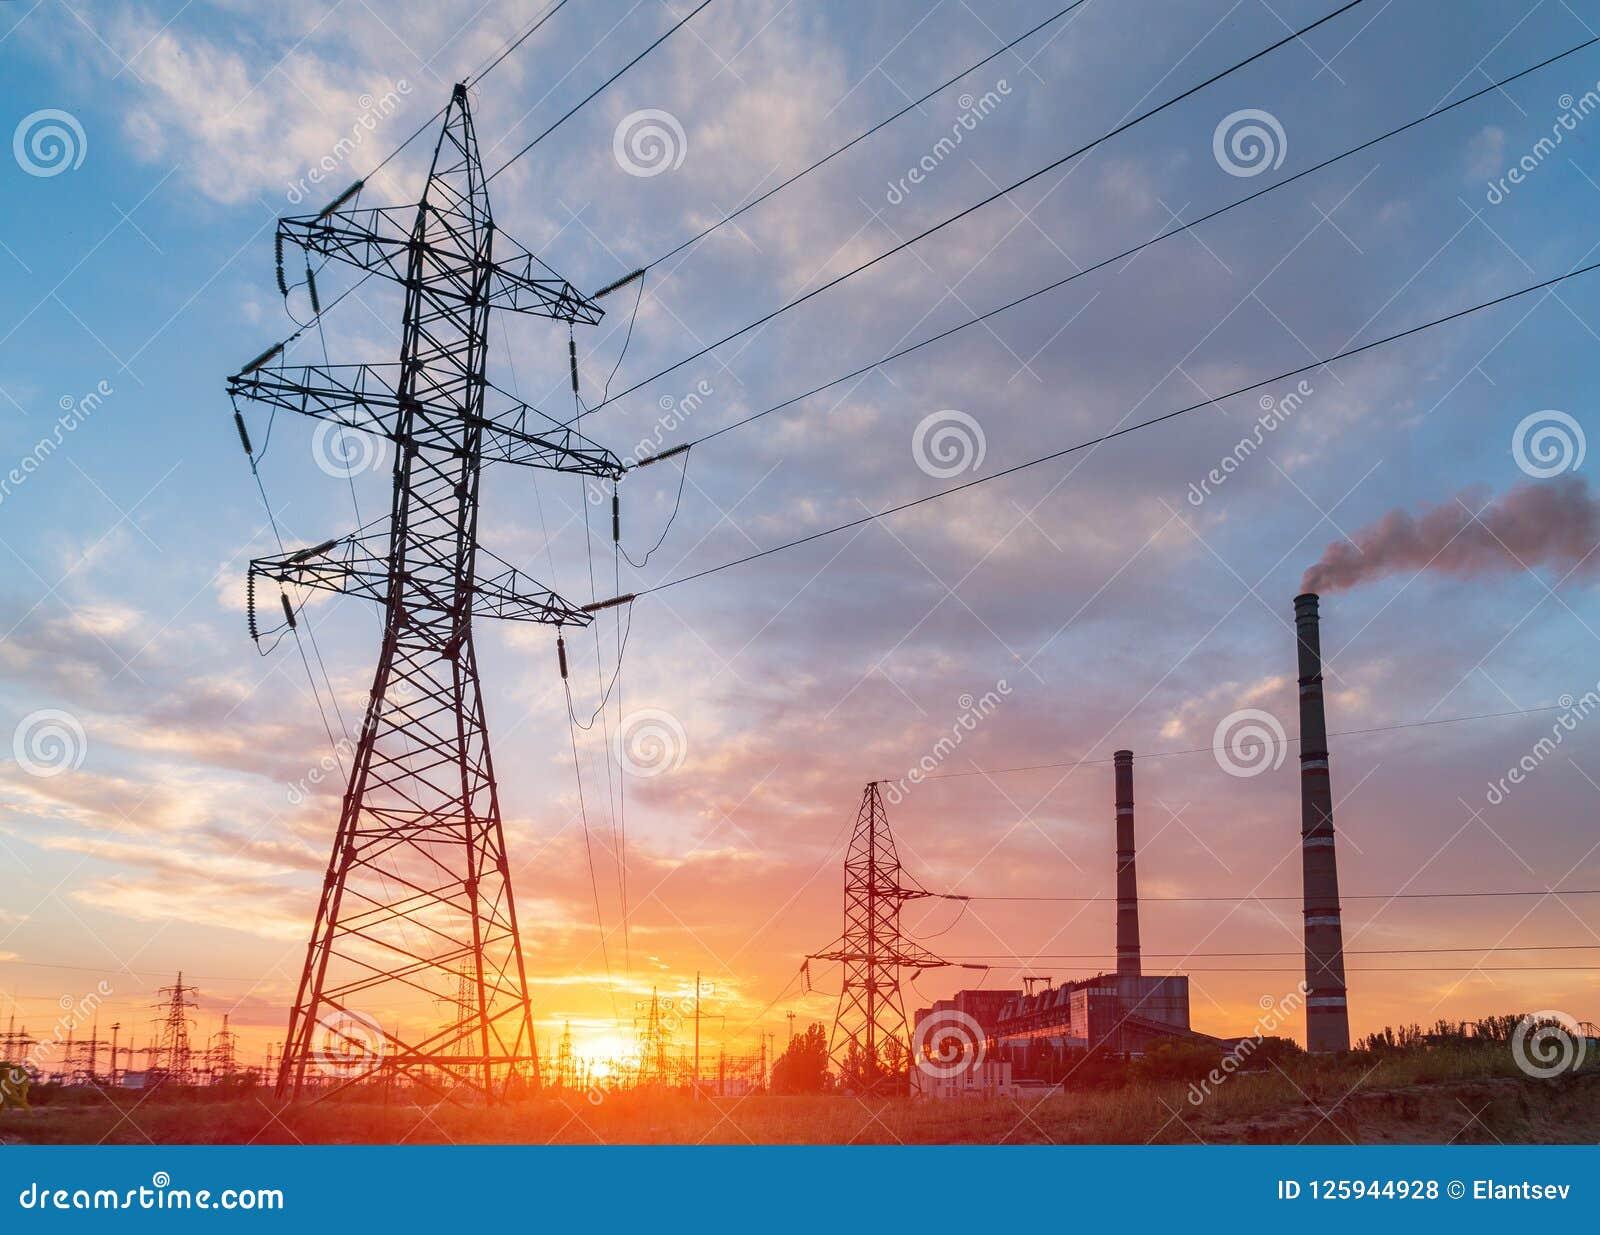 Sottostazione elettrica di distribuzione con le linee elettriche ed i trasformatori, al tramonto